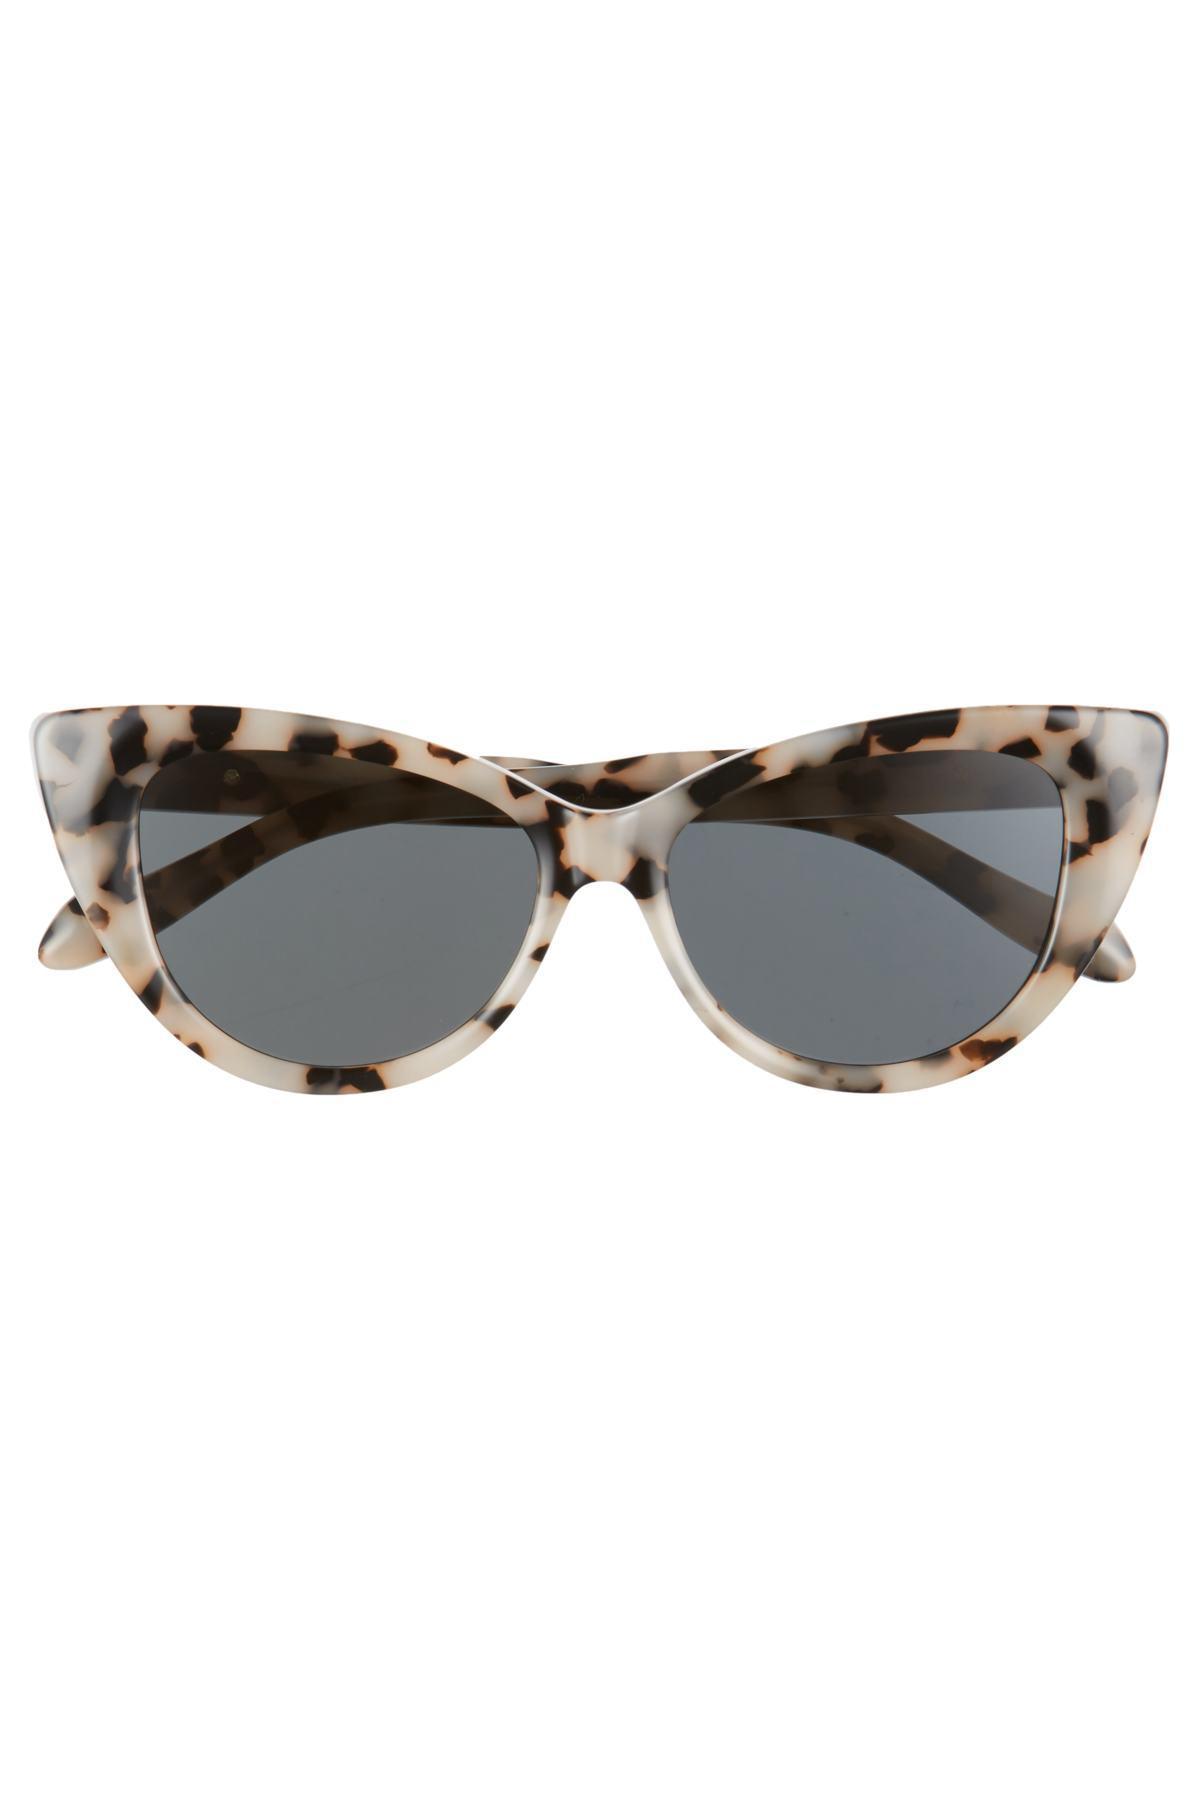 2e7f2fa2de7b Lyst - Sonix Kyoto 51mm Cat Eye Sunglasses in Black